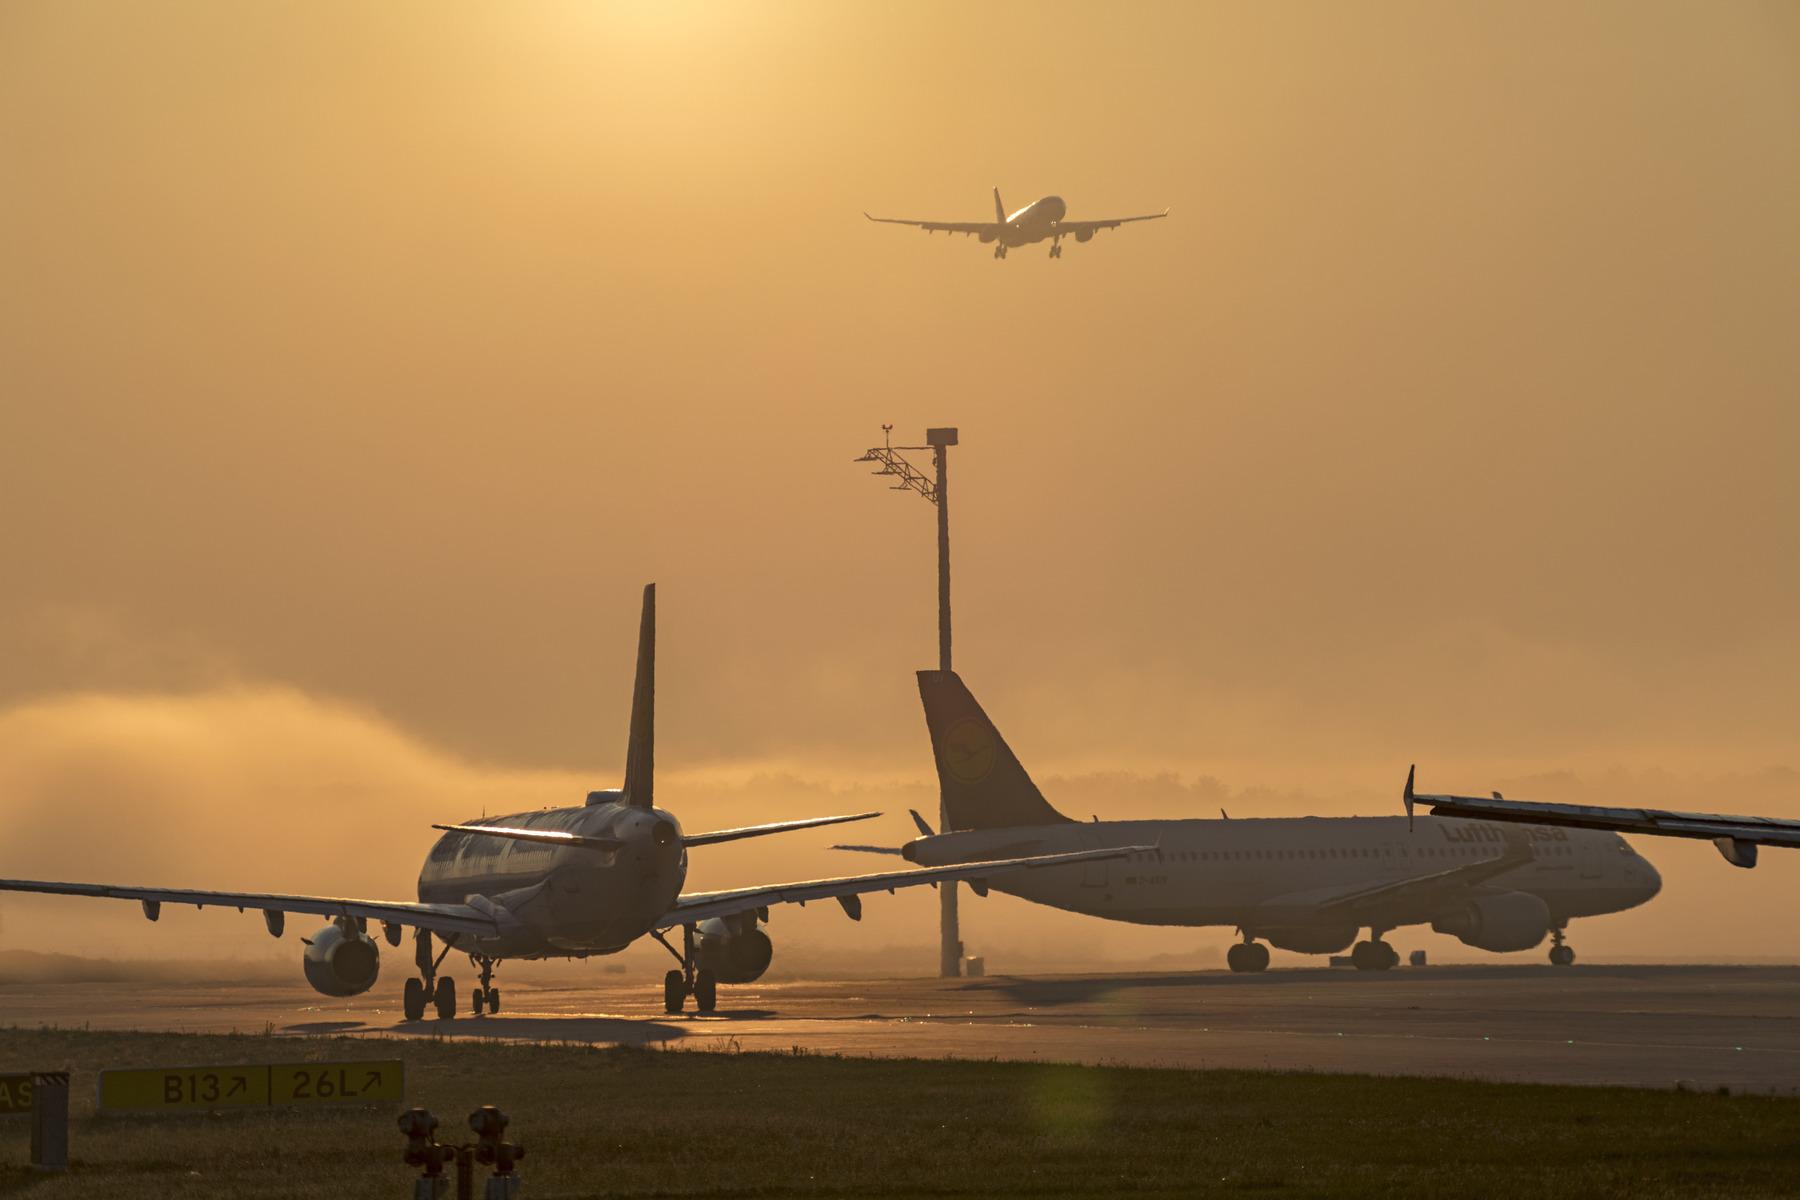 Dansk Flyprisindex foretager hver måned et pristjek på flybilletter og kan dermed finde de billigste flyruter fra Billund og København ud i Europa og resten af verden. Her arkivpressefoto fra lufthavnen i München.